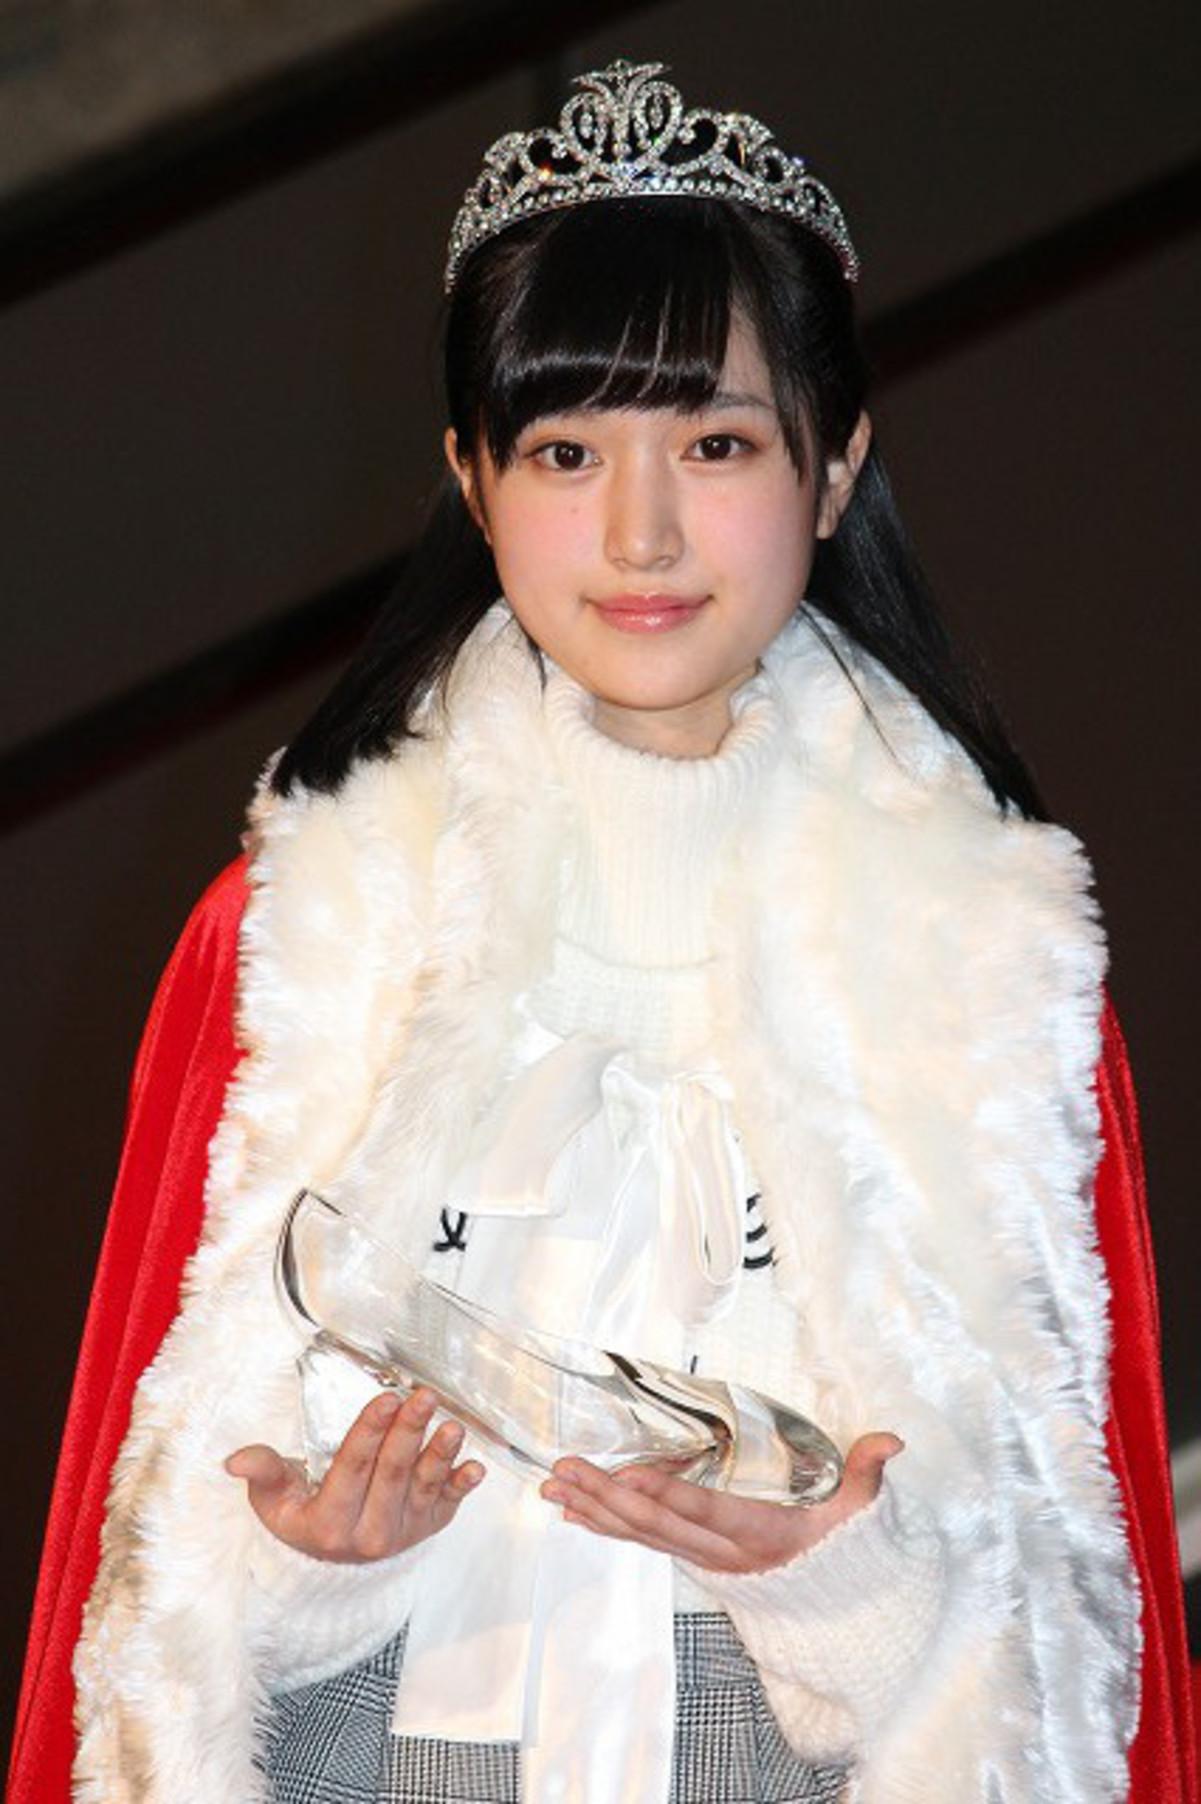 第8回東宝シンデレラ、グランプリは大阪出身の15歳・福本莉子! : 映画ニュース - 映画.com